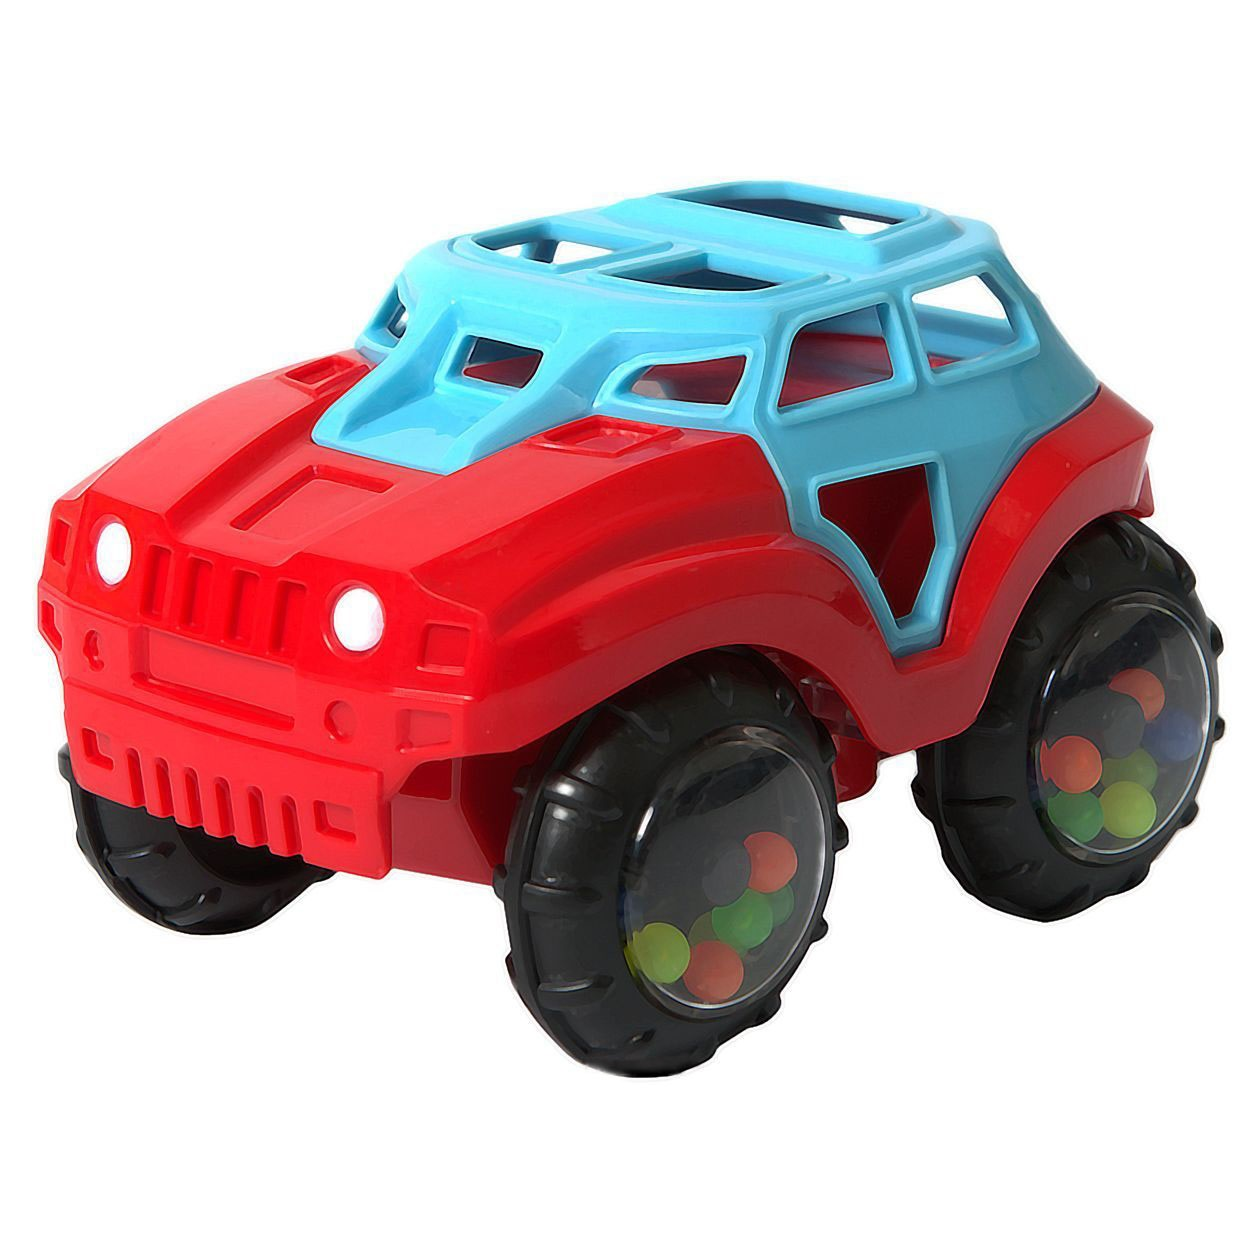 Машинка-неразбивайка, сине-краснаяМашинки для малышей<br>Машинка-неразбивайка, сине-красная<br>